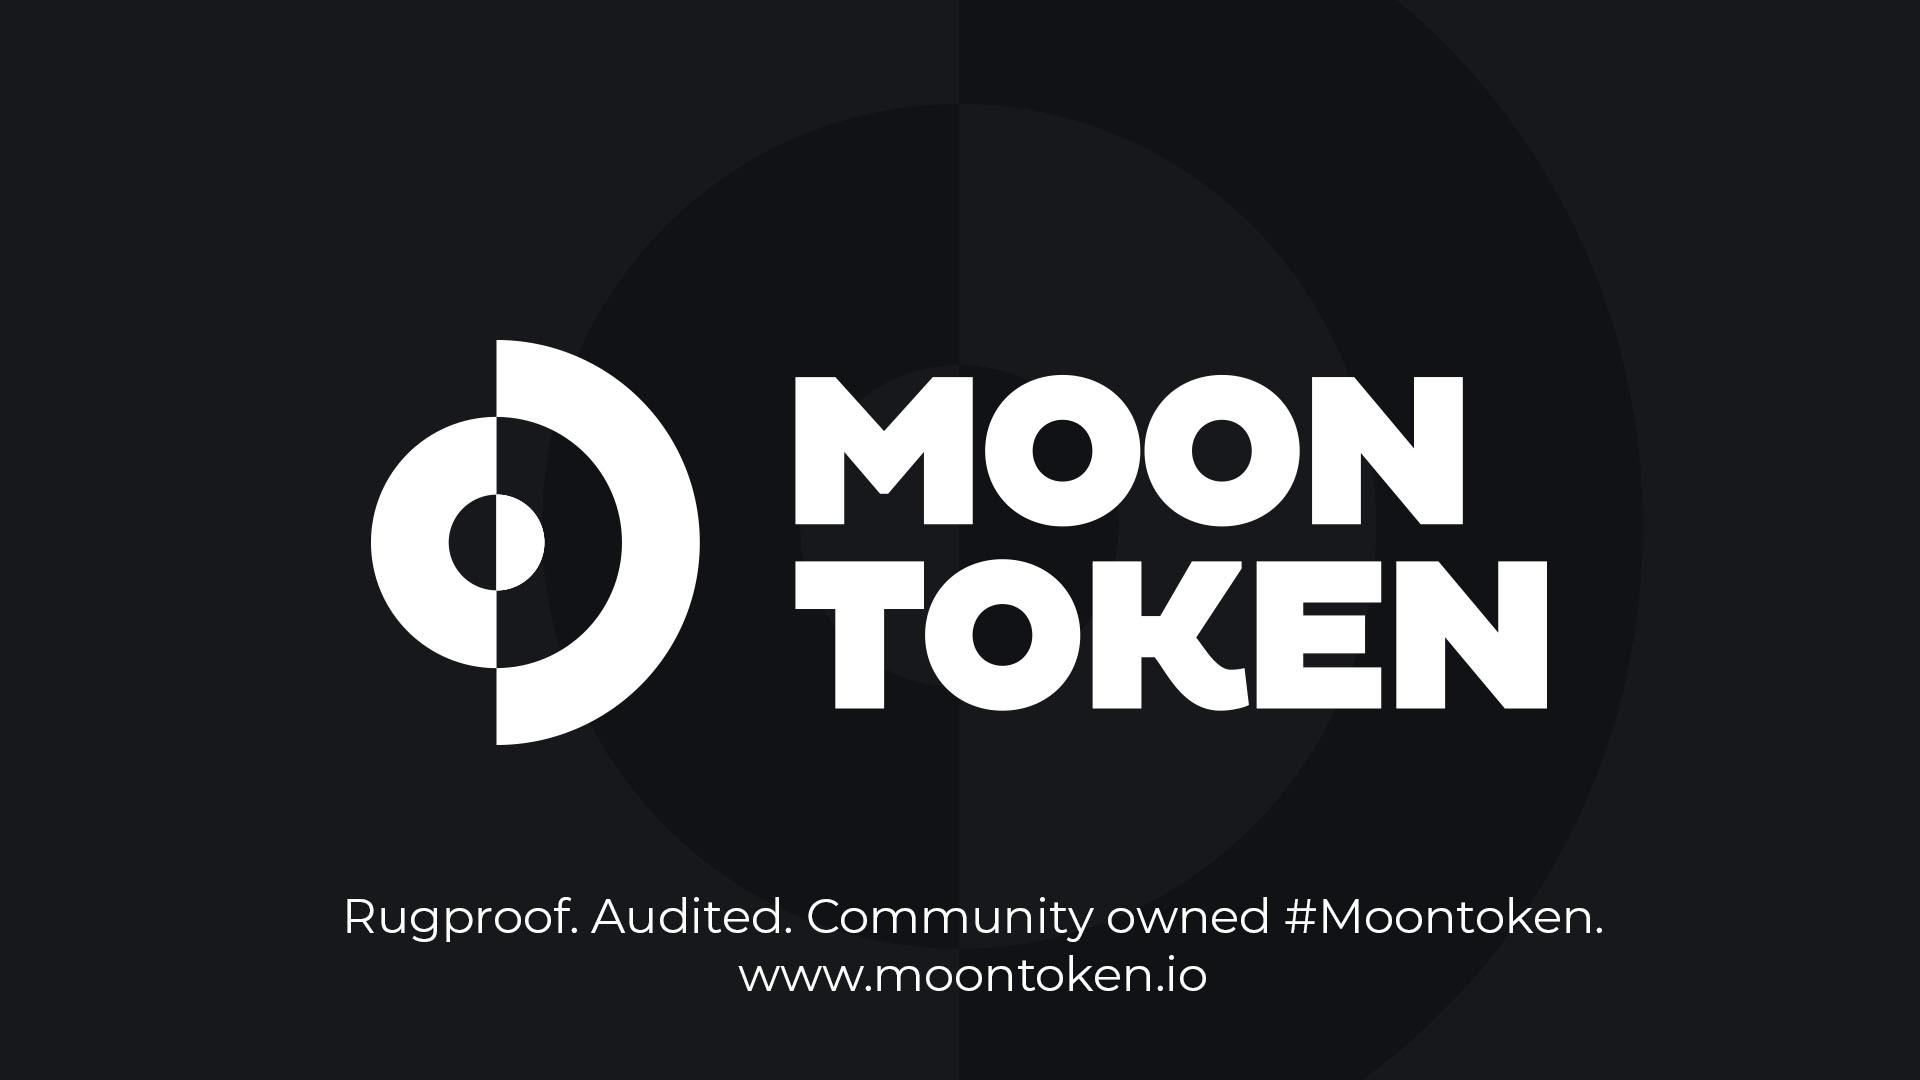 www.moontoken.io